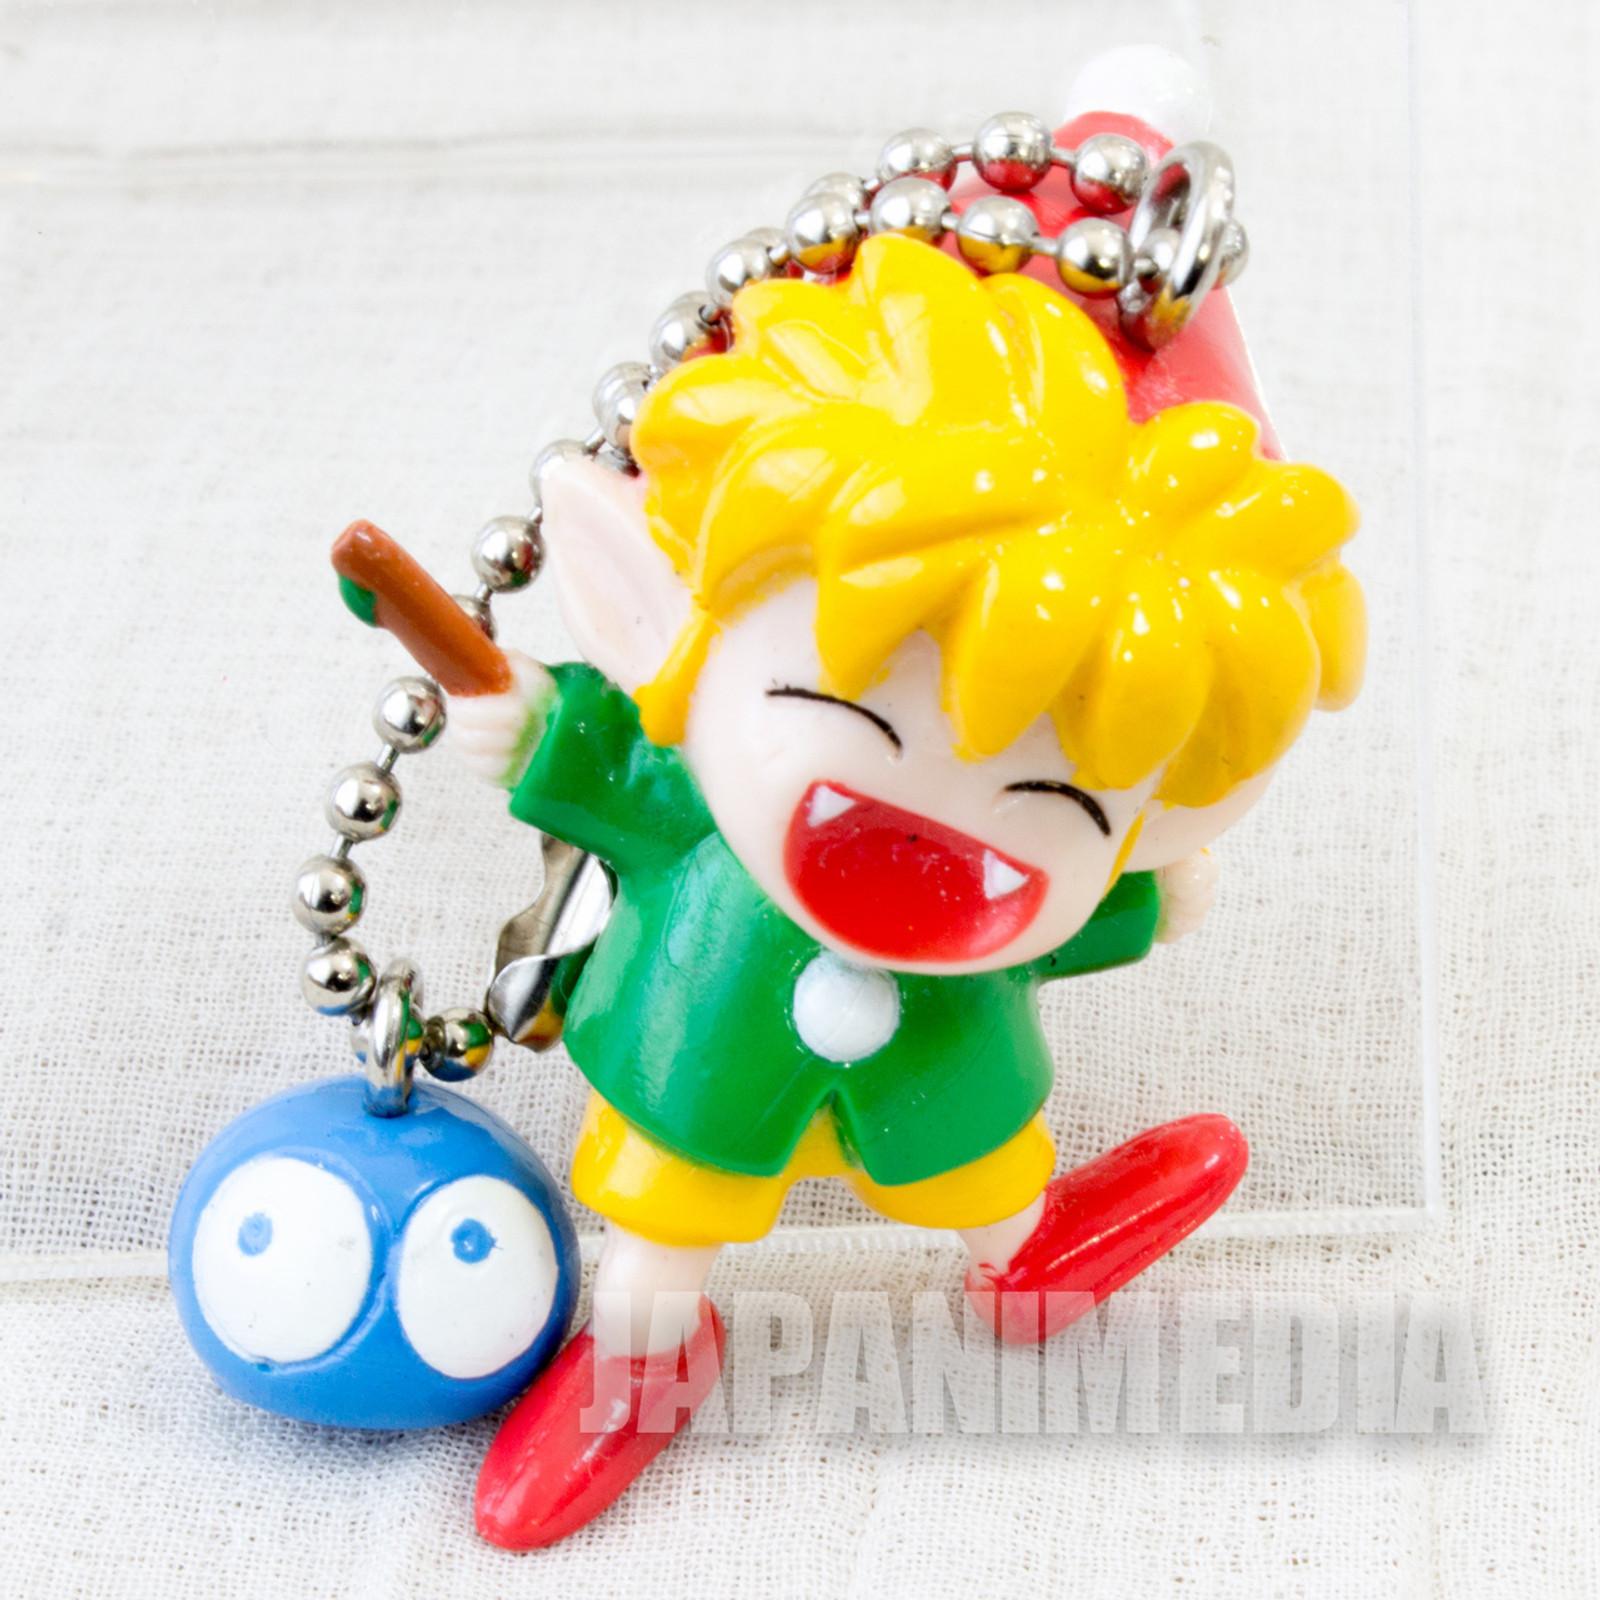 Retro RARE Puyo Puyo Figure Keychain JAPAN FAME SEGA 2